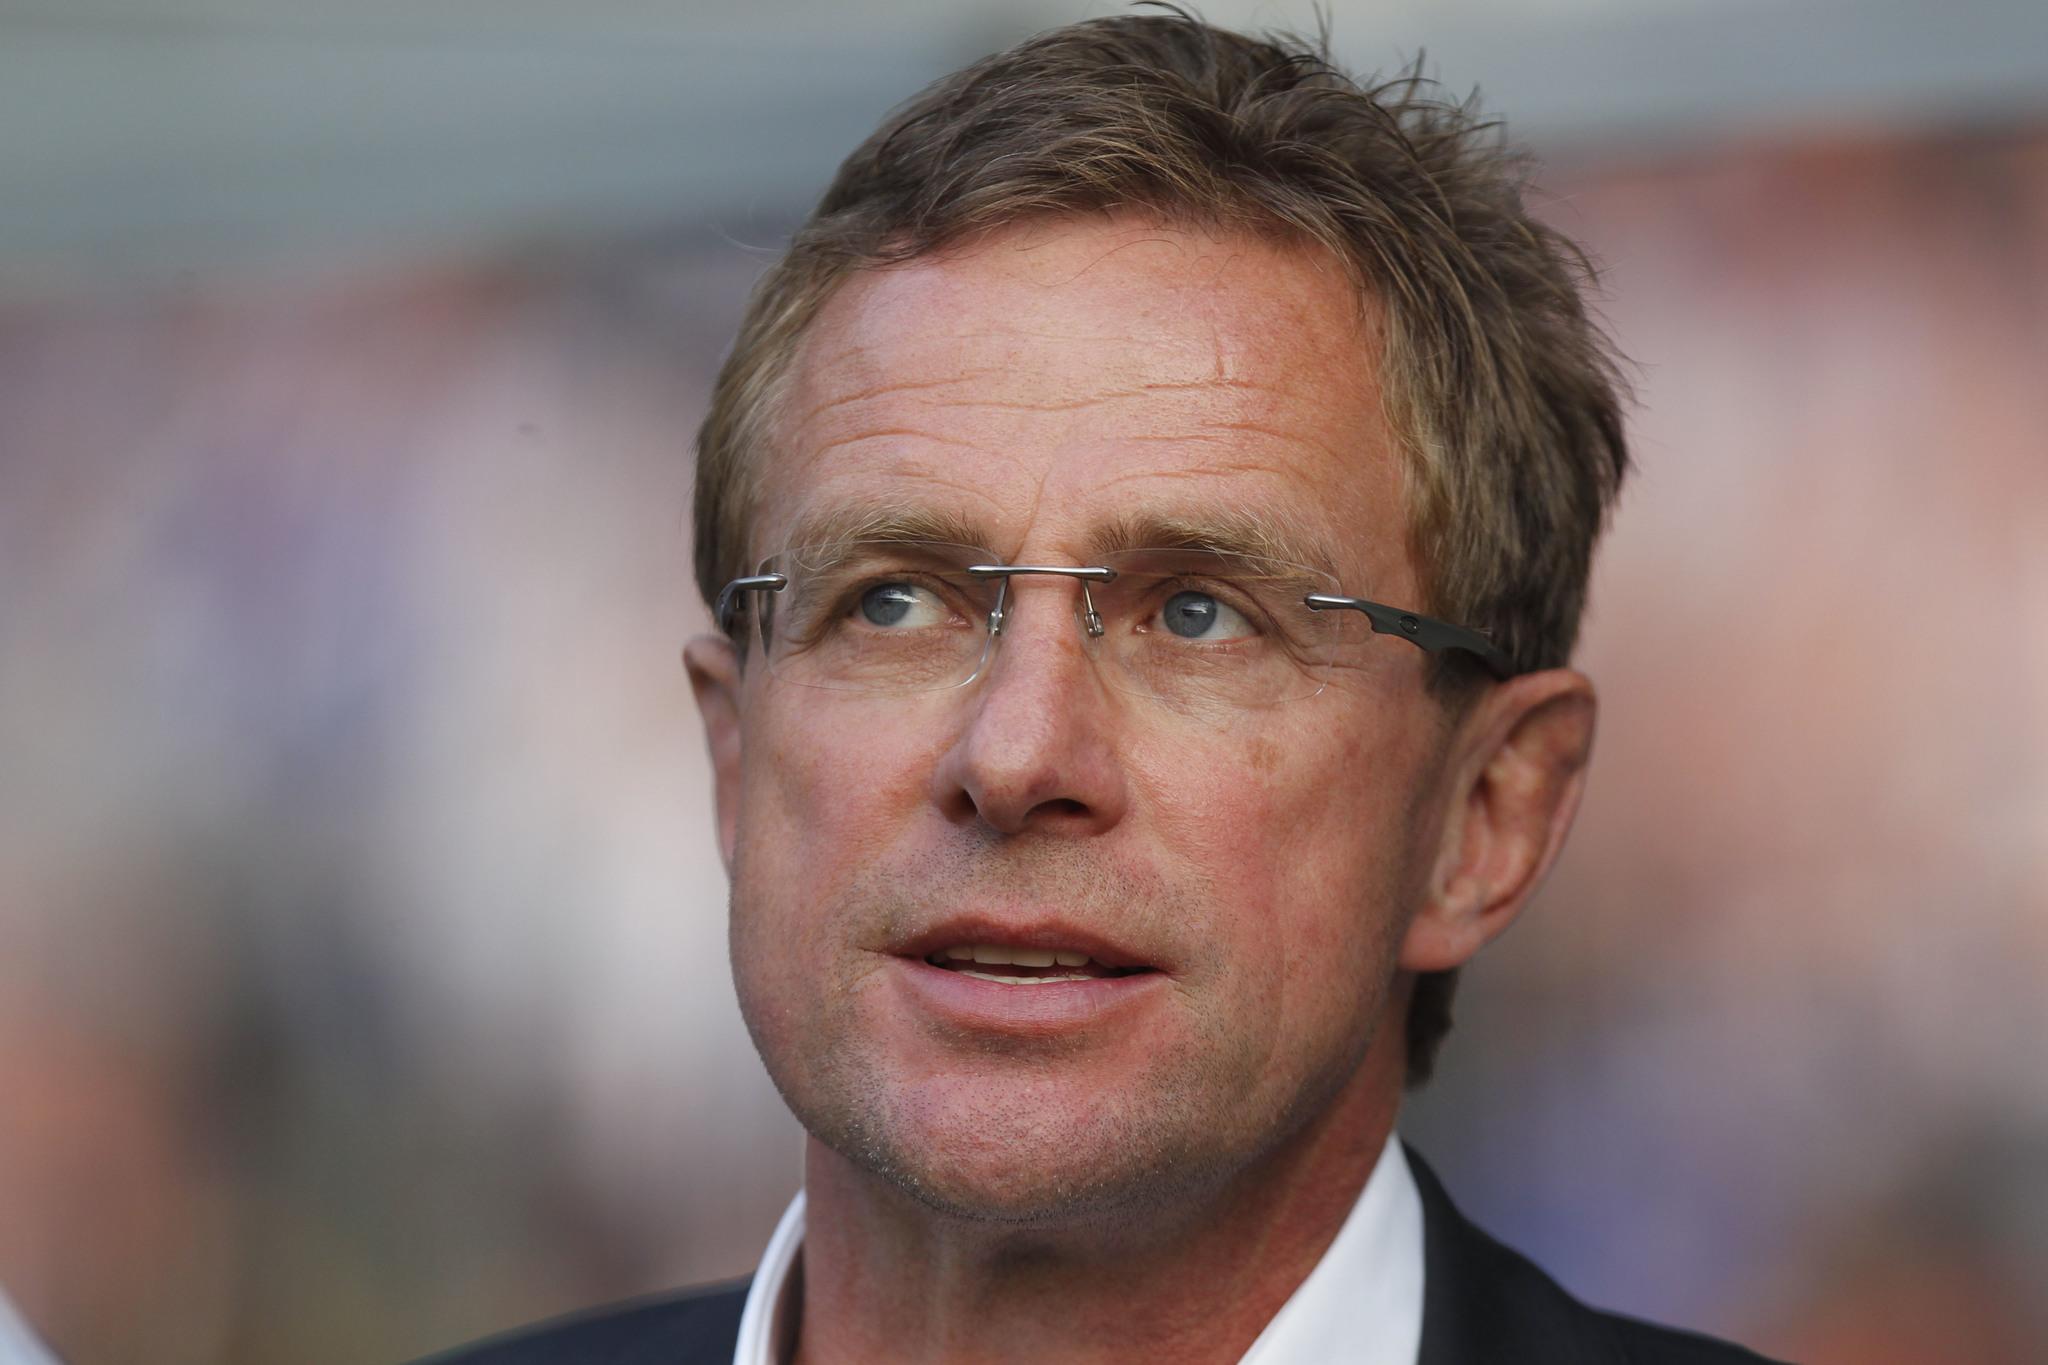 Qu'est-ce qui vient après Löw? Klopp, Flick, Rangnick ... et Matthaus! - Championnat d'Europe de Football 2020